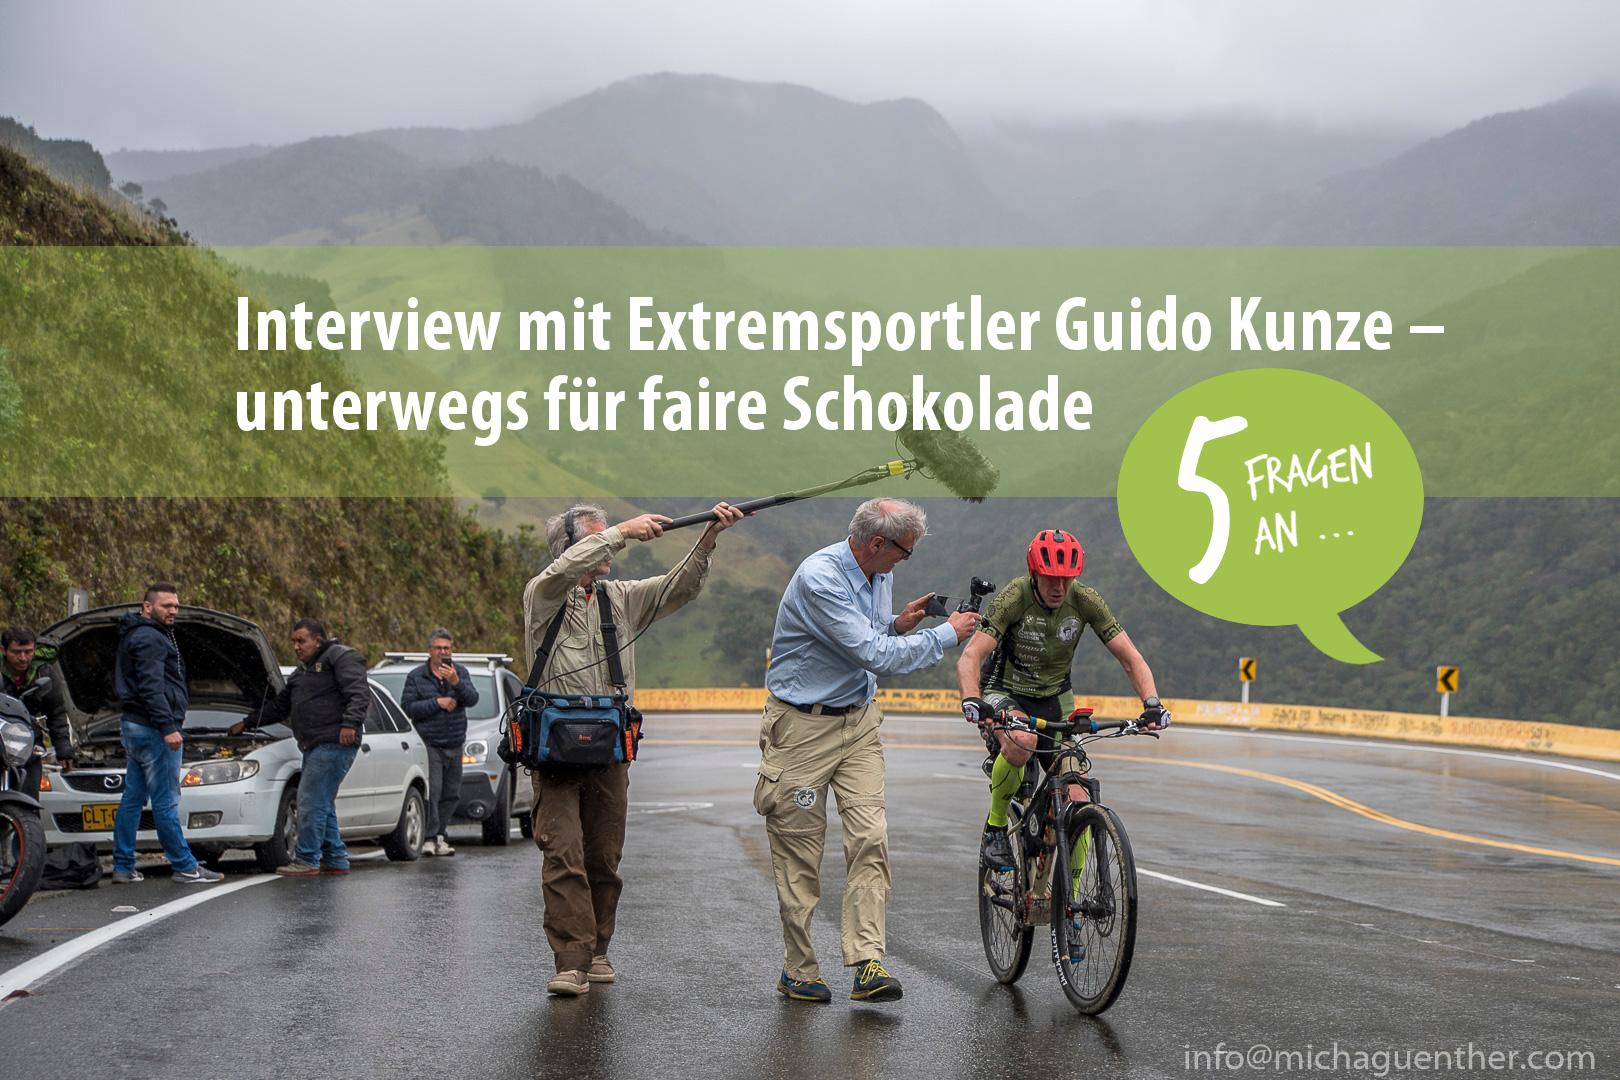 Für faire Schokolade: Über Guido Kunzes Reise wurde ein Lehrfilm zu Nachhaltigkeit und fairem Handel gedreht. Foto: Michael Günther